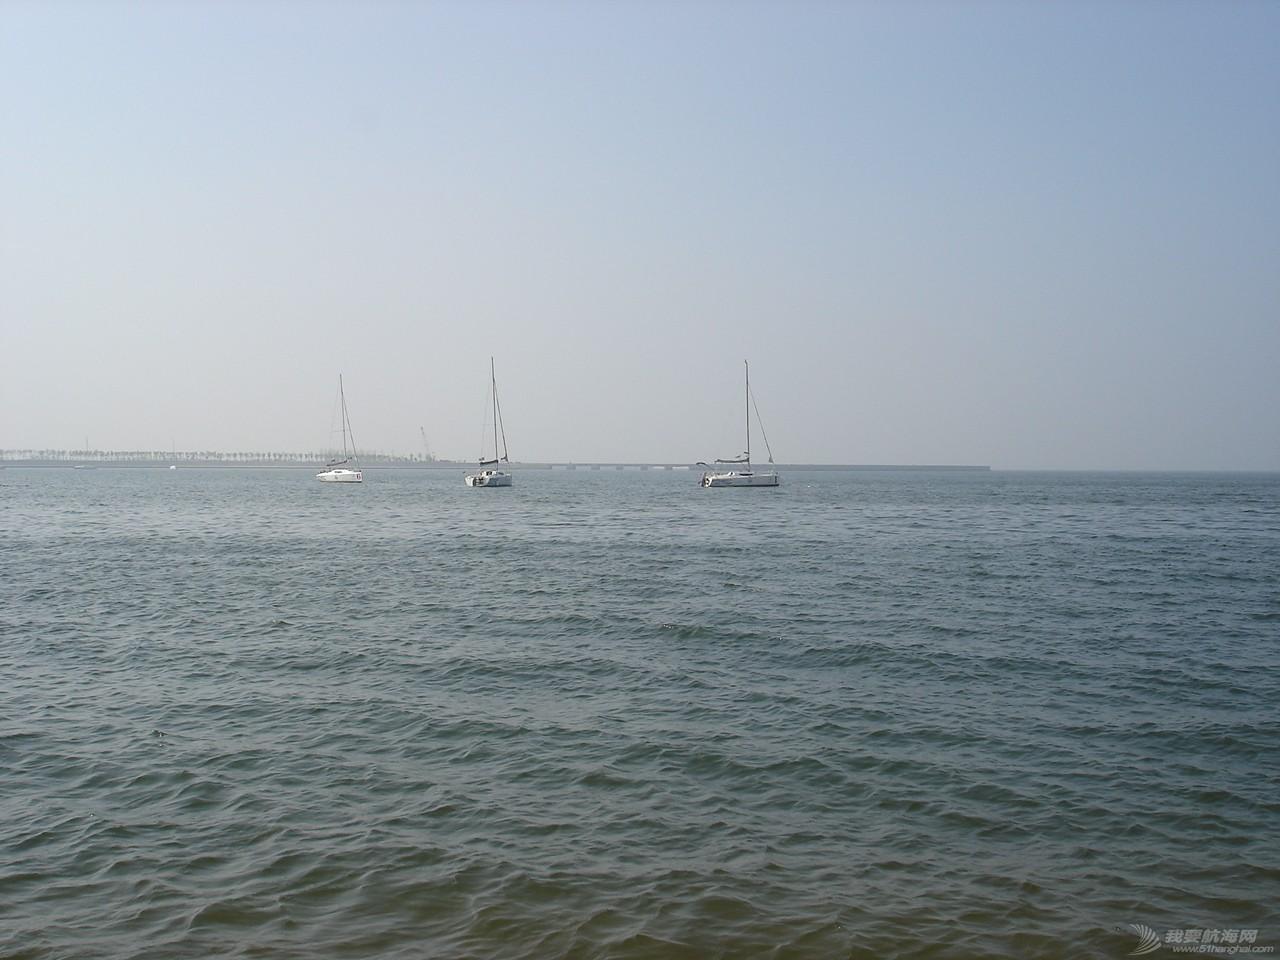 日照,秦皇岛,报名 飞驰杯的秦皇岛帆船赛,各种找感觉